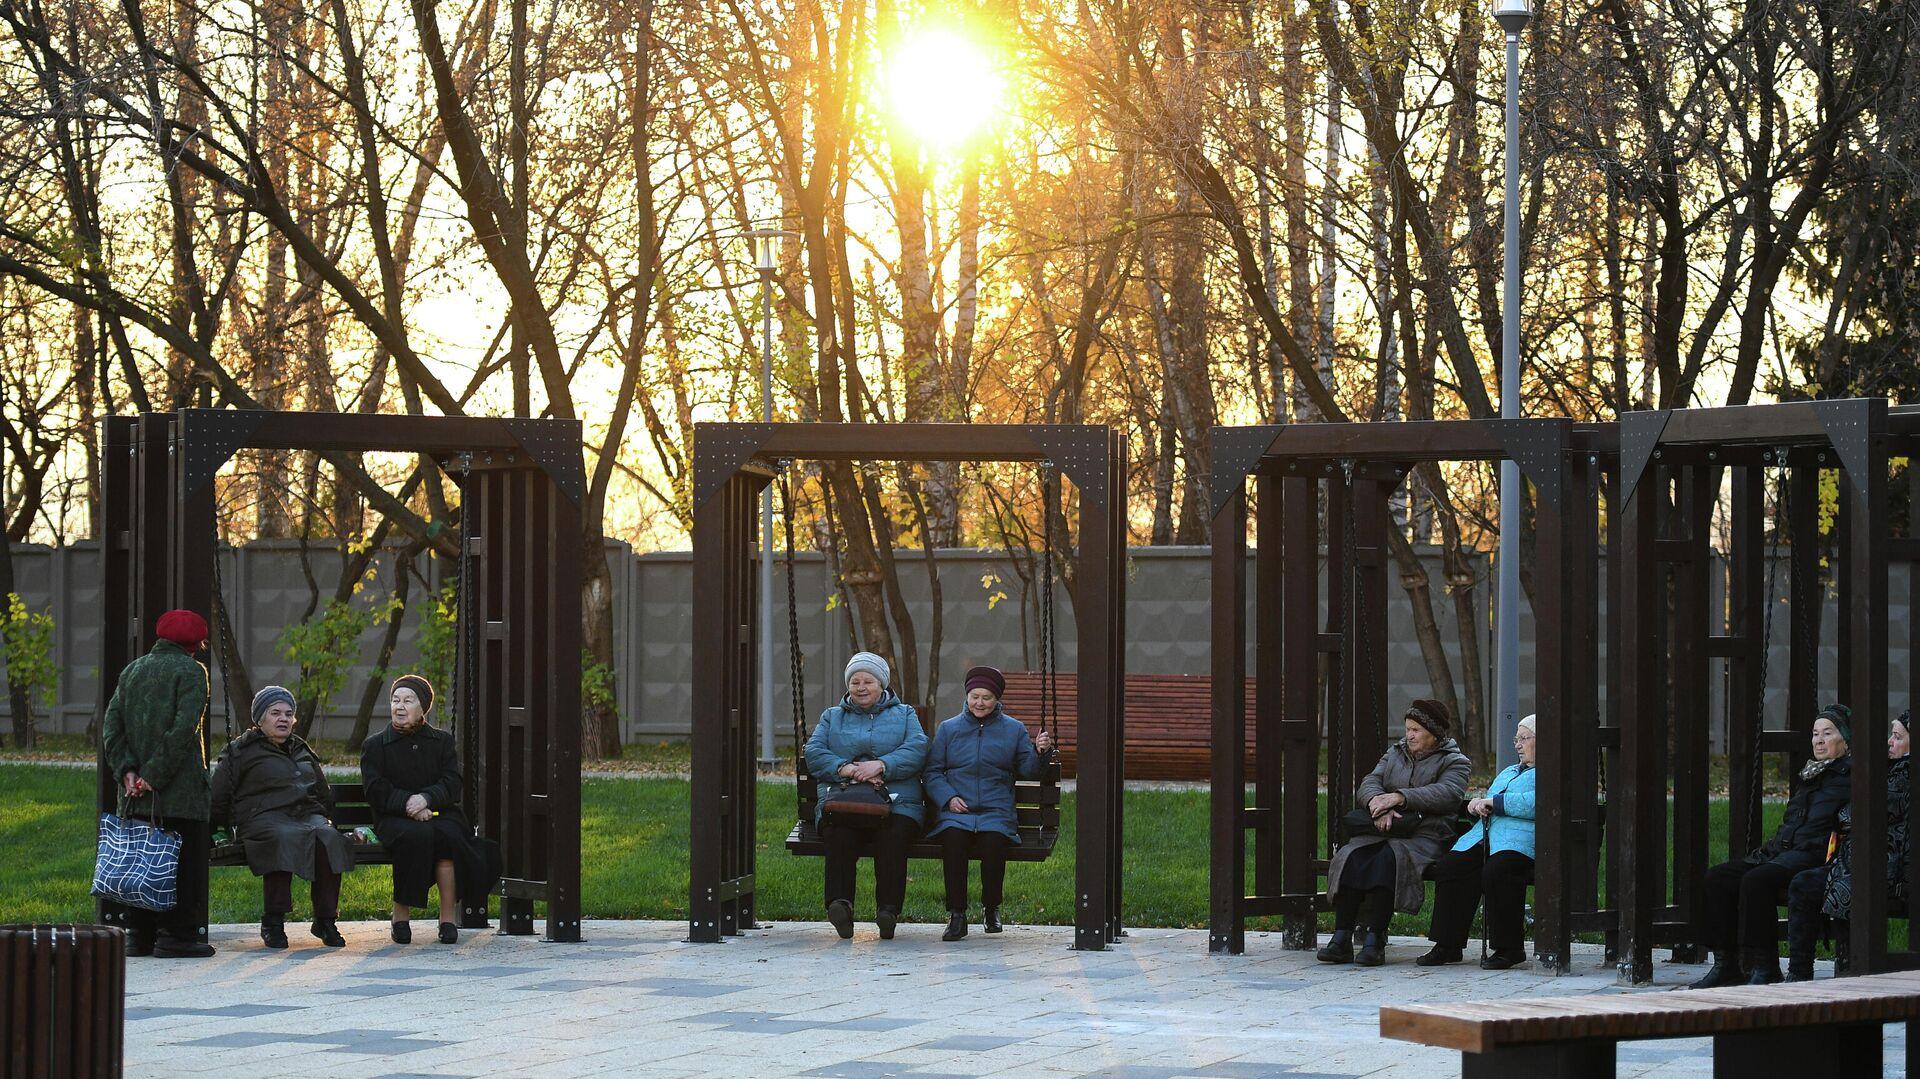 Пенсионеры сидят на качелях в Капотне - РИА Новости, 1920, 05.11.2020